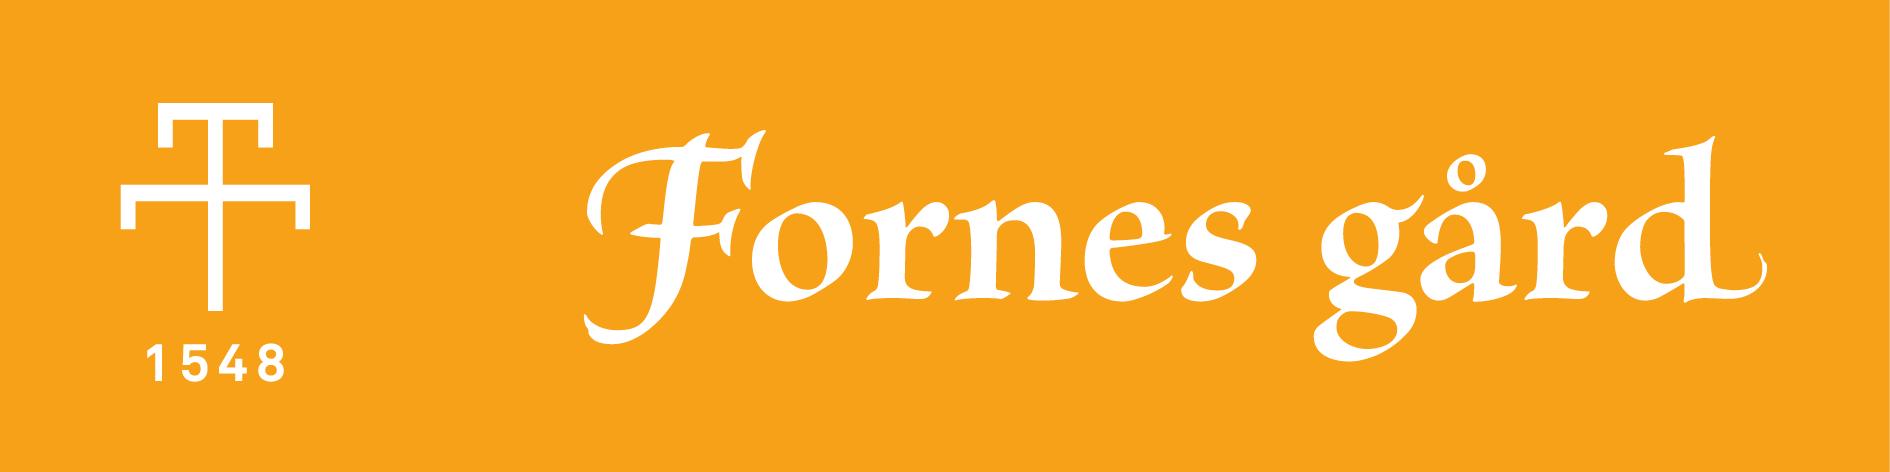 Fornes gård logo avlang-06.png